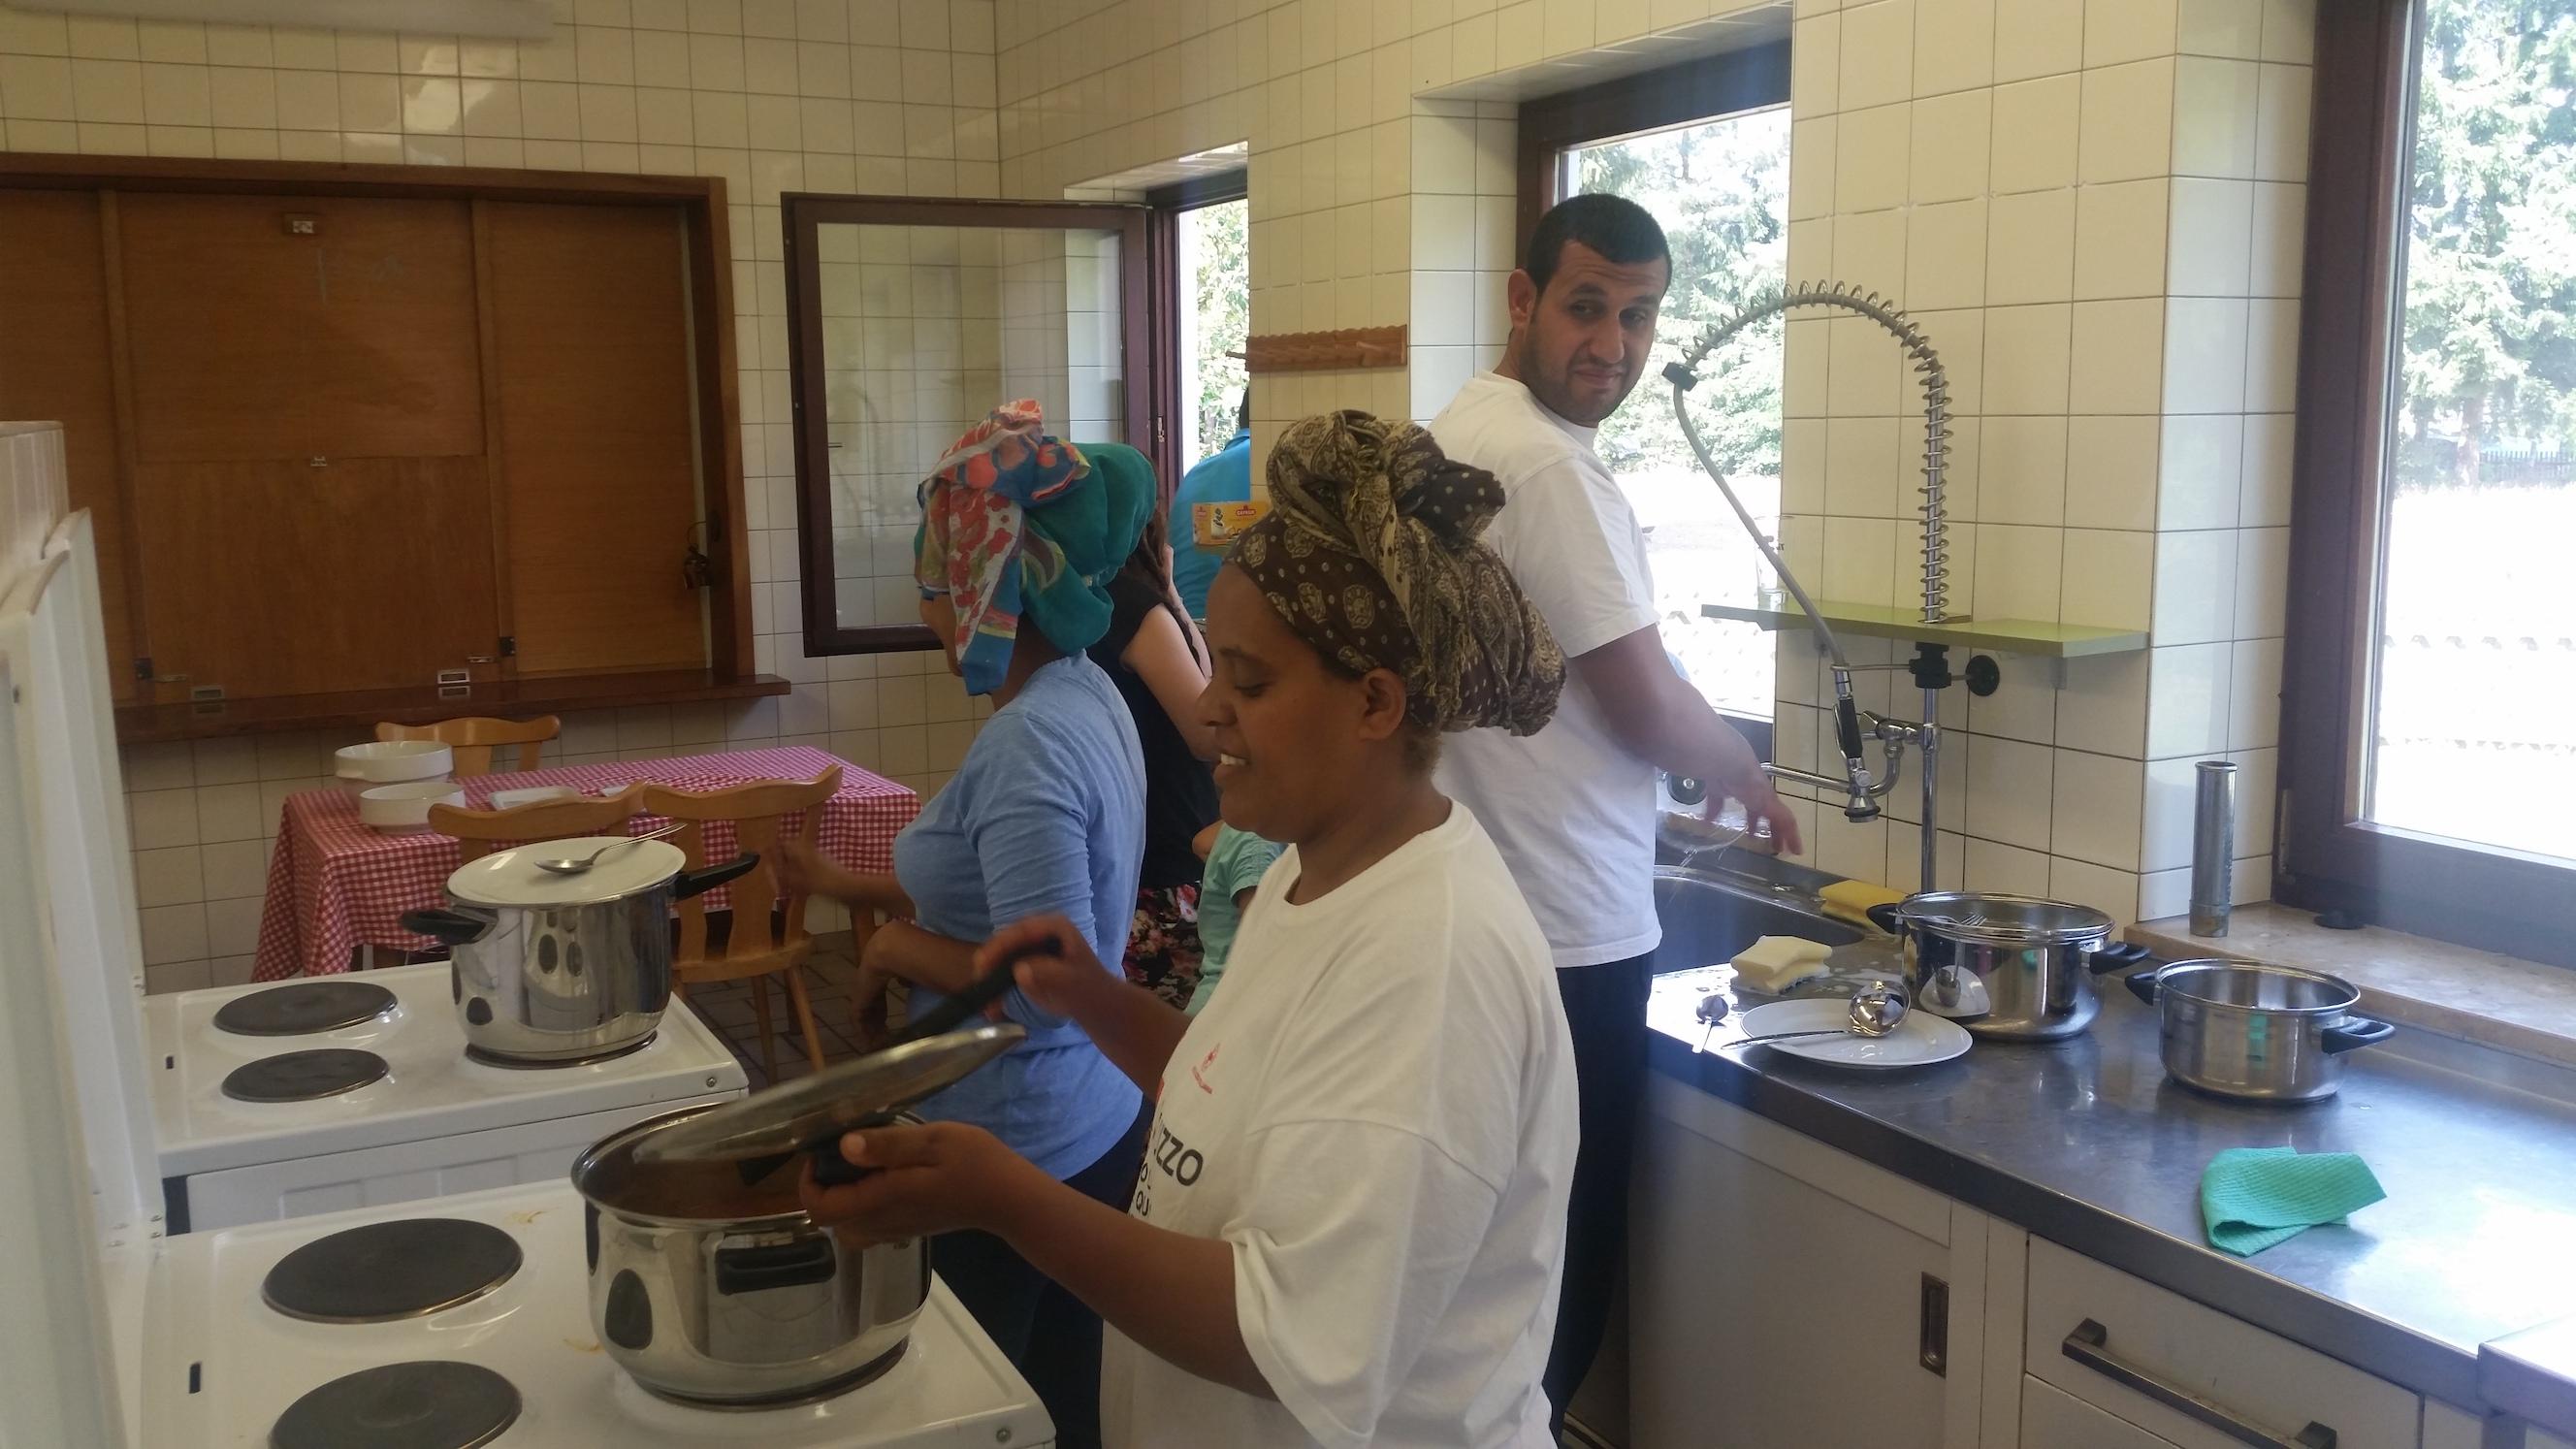 Besucherinnen und Besucher des MGH beim gemeinsamen Kochen.